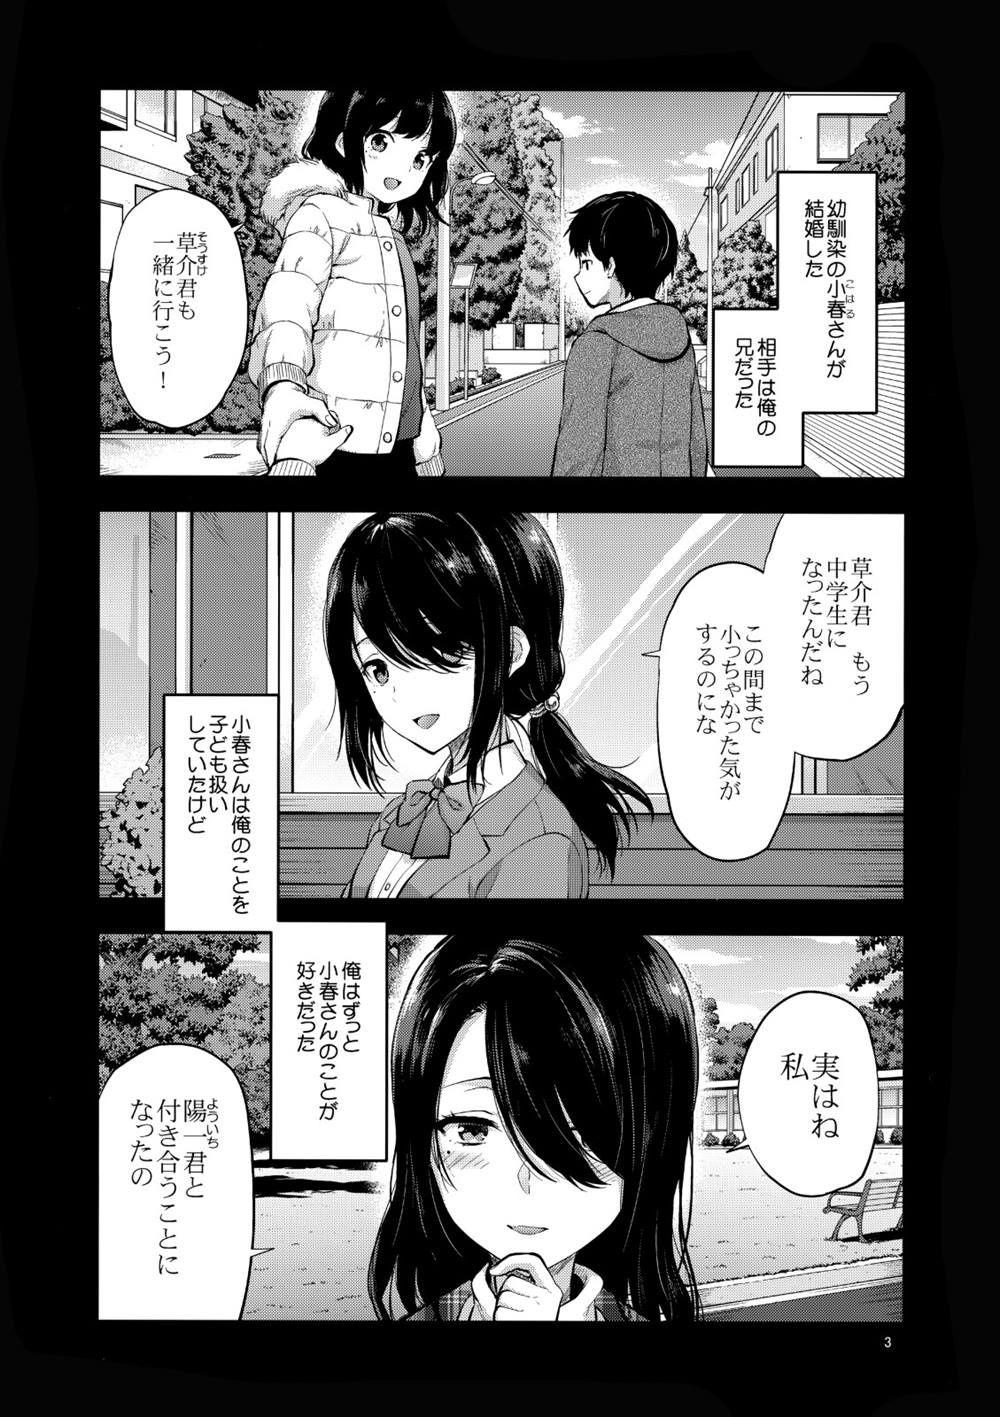 【エロ同人誌】(C95)好きだった美尻お姉さんが兄嫁に…我慢できずにNTRファック生中出ししちゃいますwww【柚木N':憧れのお姉さんが兄嫁になった】